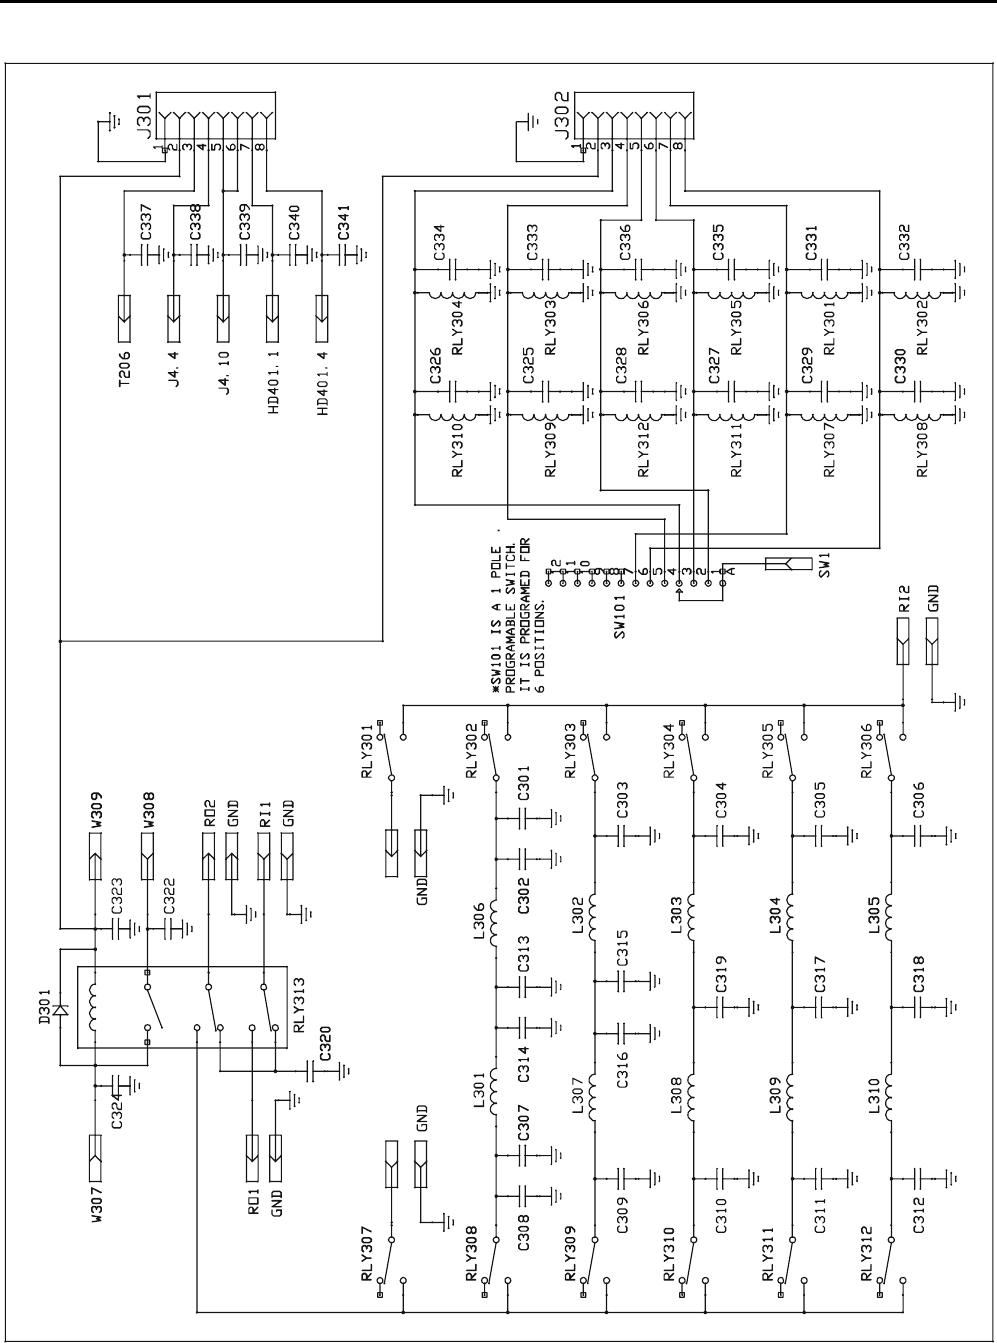 A500M_2a_full AMERITRON ALS 500M User Manual